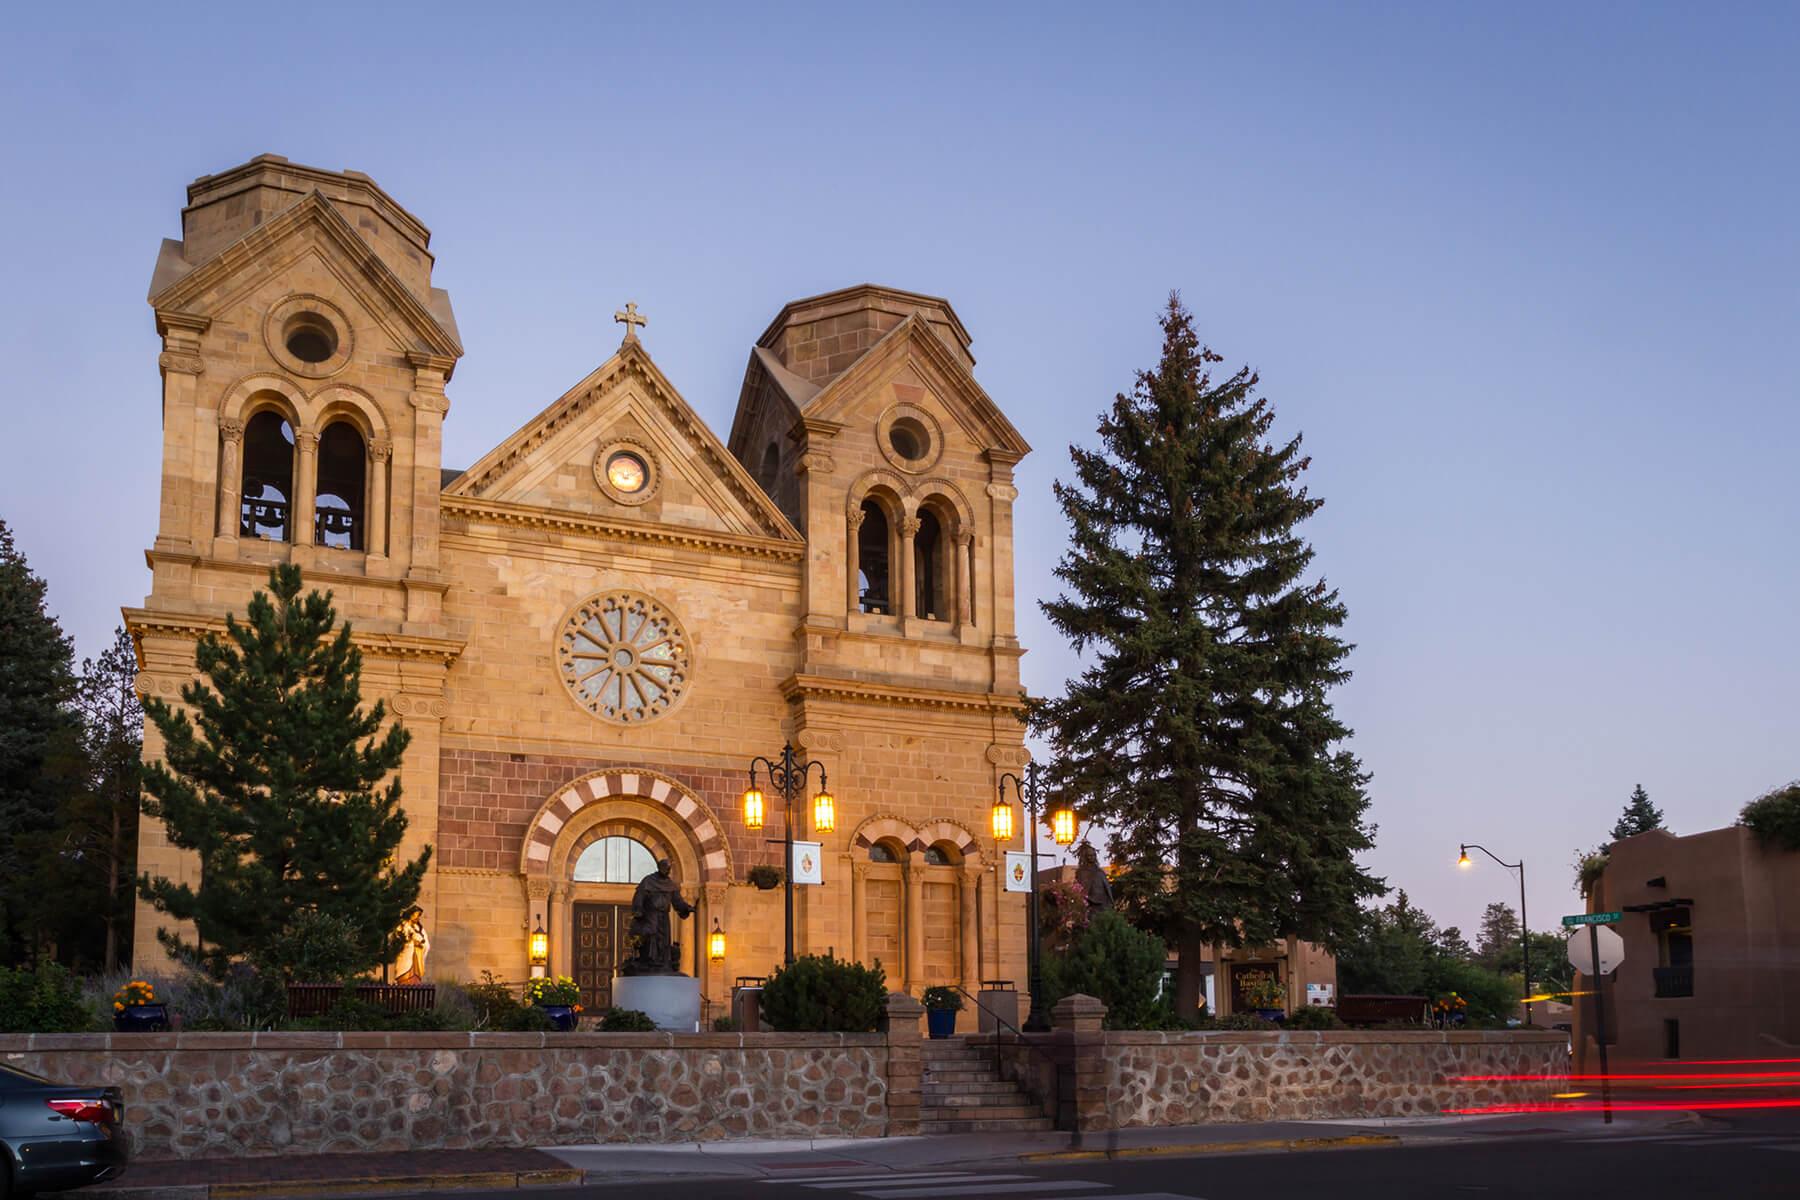 Santa Fe Saint Francis